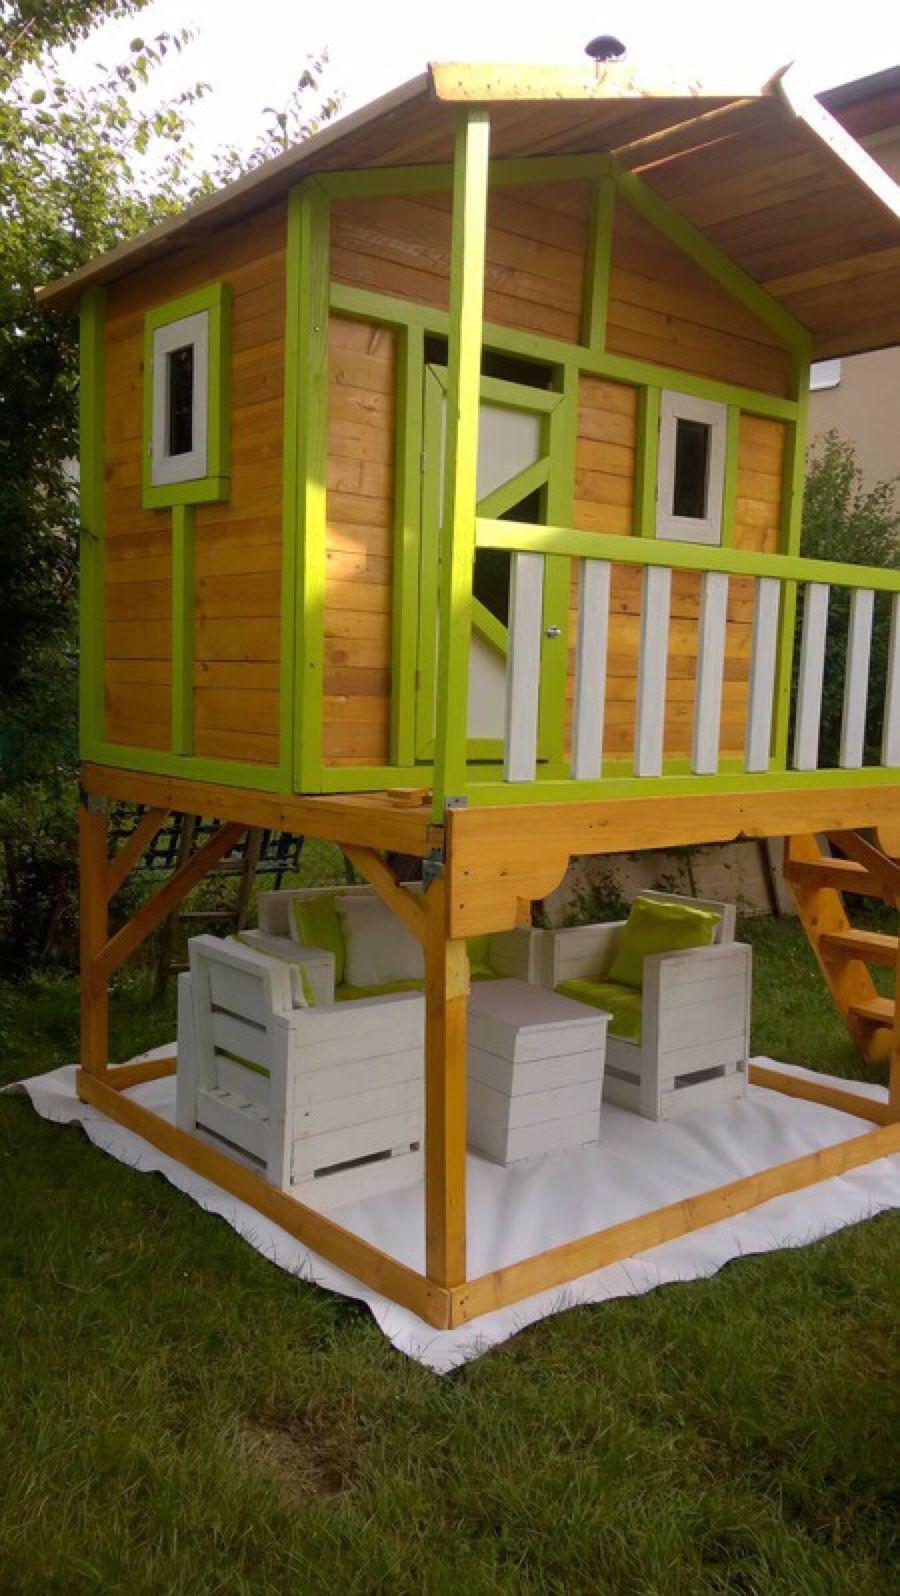 Petite Cabane De Jardin Pour Les Enfants | Petite Cabane De ... destiné Maison De Jardin Pour Enfants